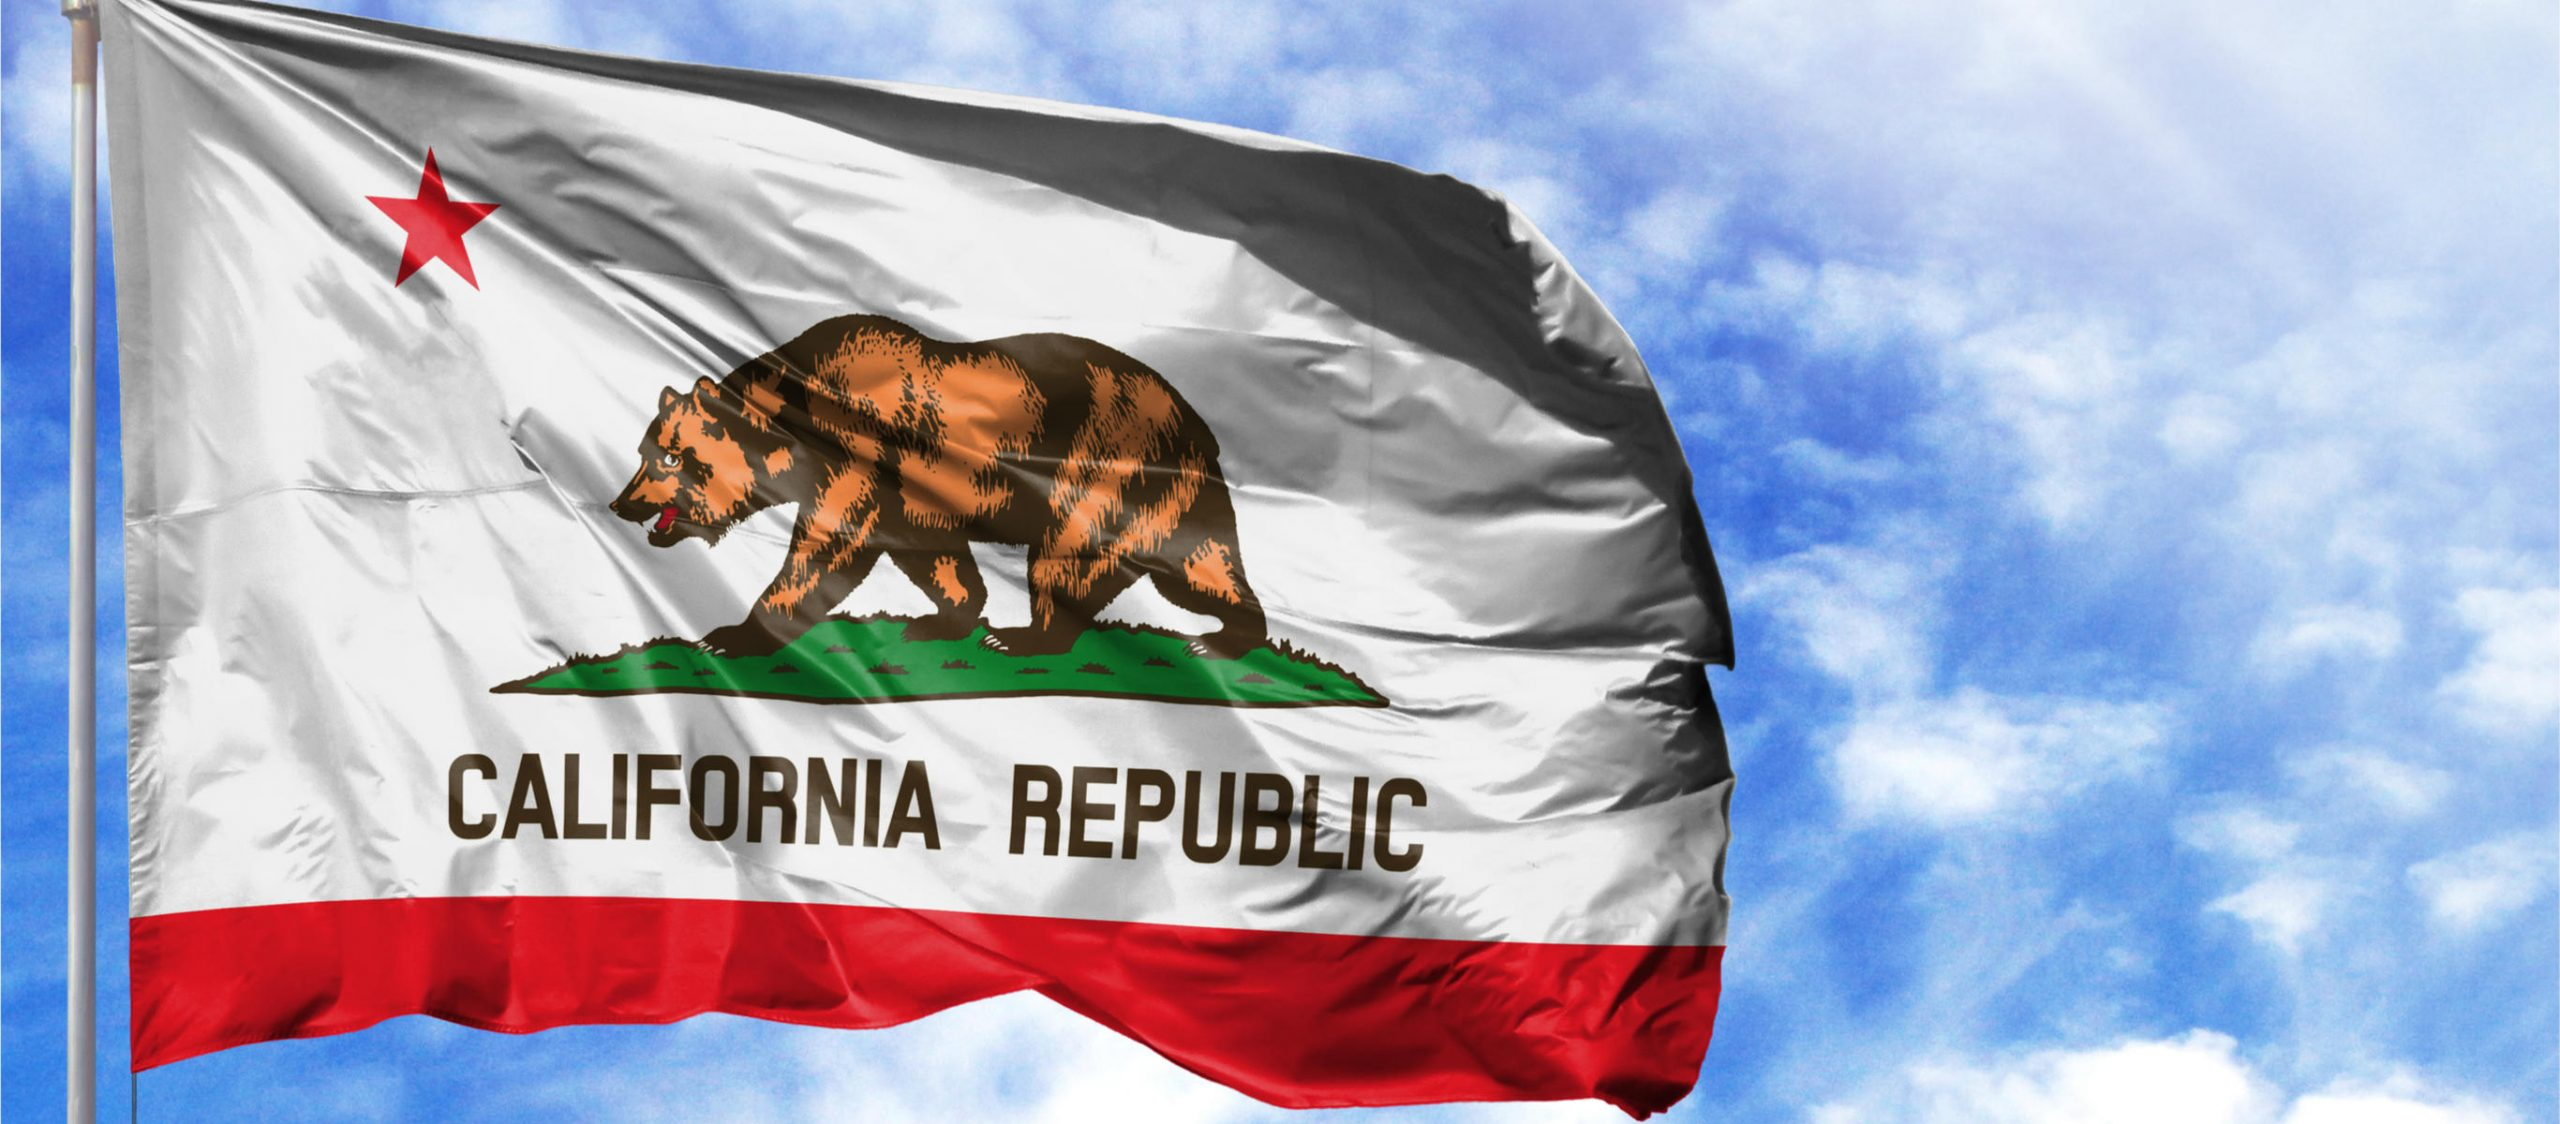 beispiellose-lobbyarbeit-erzielt-grosen-gewinn-fur-das-kalifornische-offentliche-gesundheitswesen